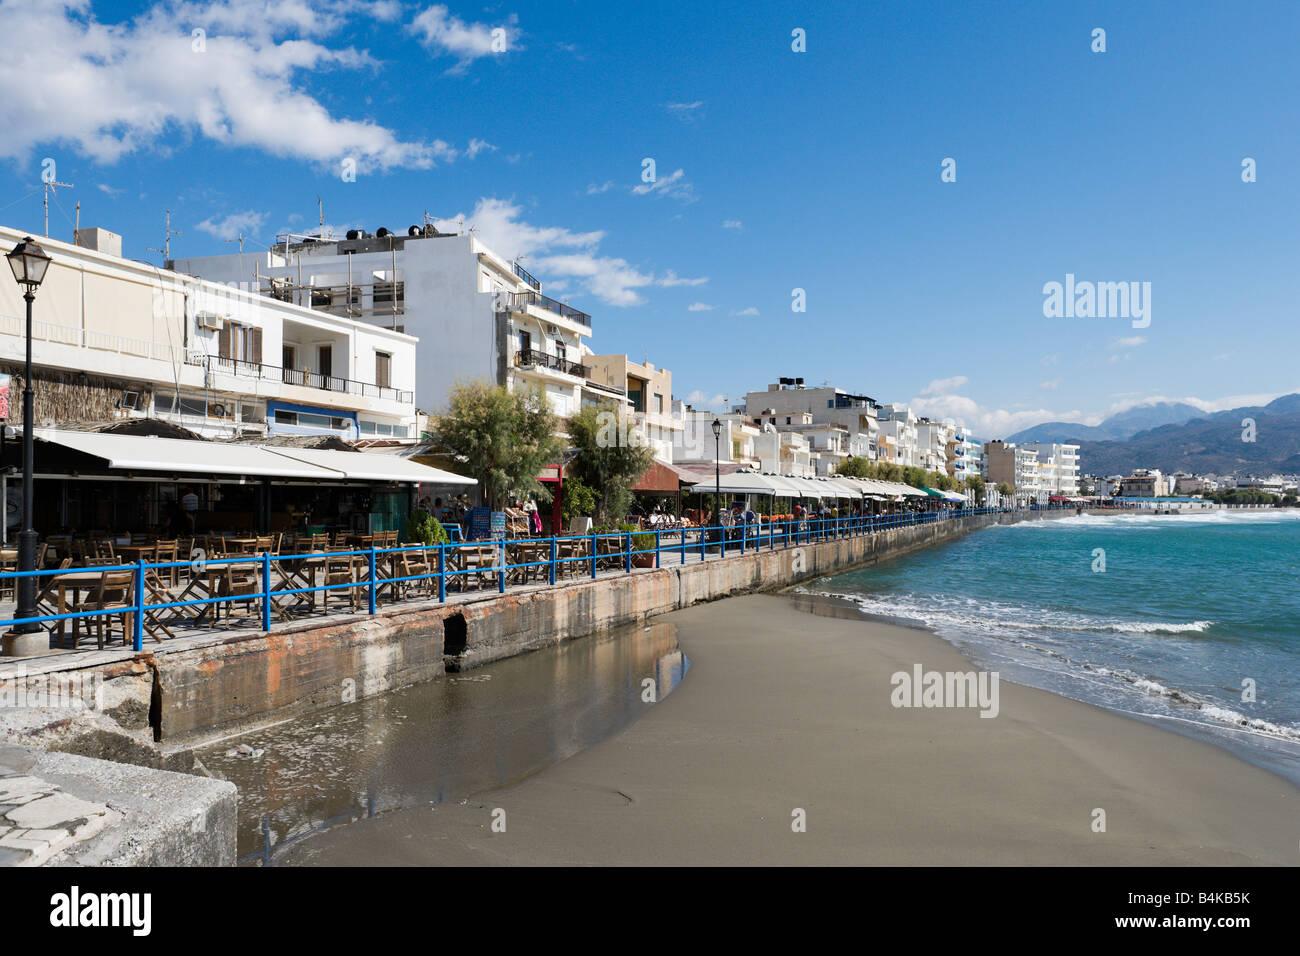 Buy House Greece Beach